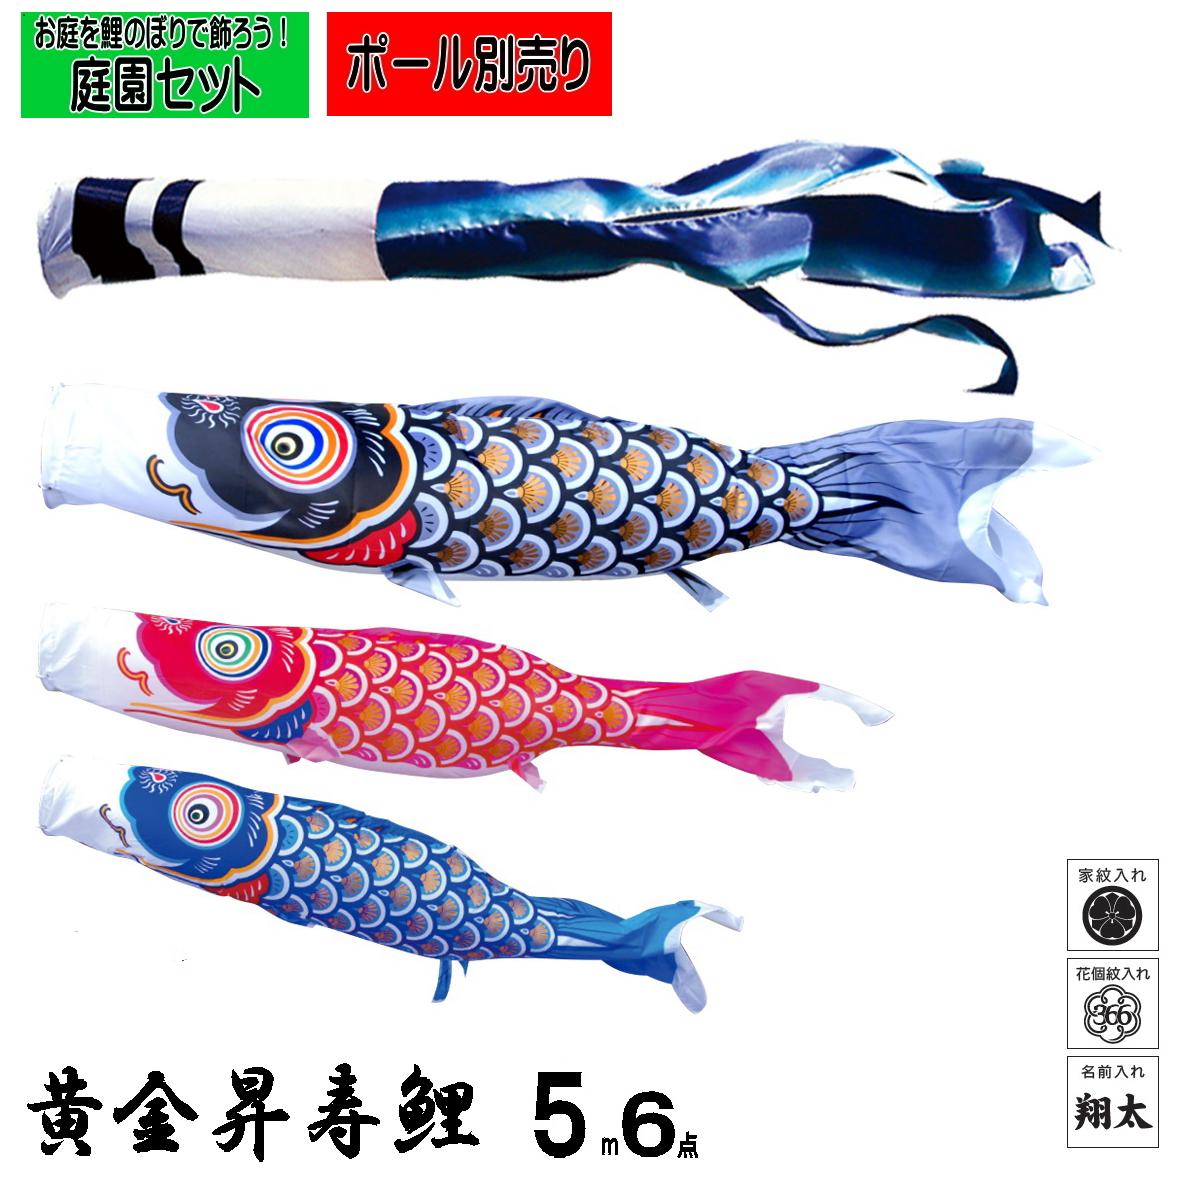 【子守唄CDプレゼント】庭園用 こいのぼり黄金昇寿鯉 5m6点セット鯉のぼり 鯉幟